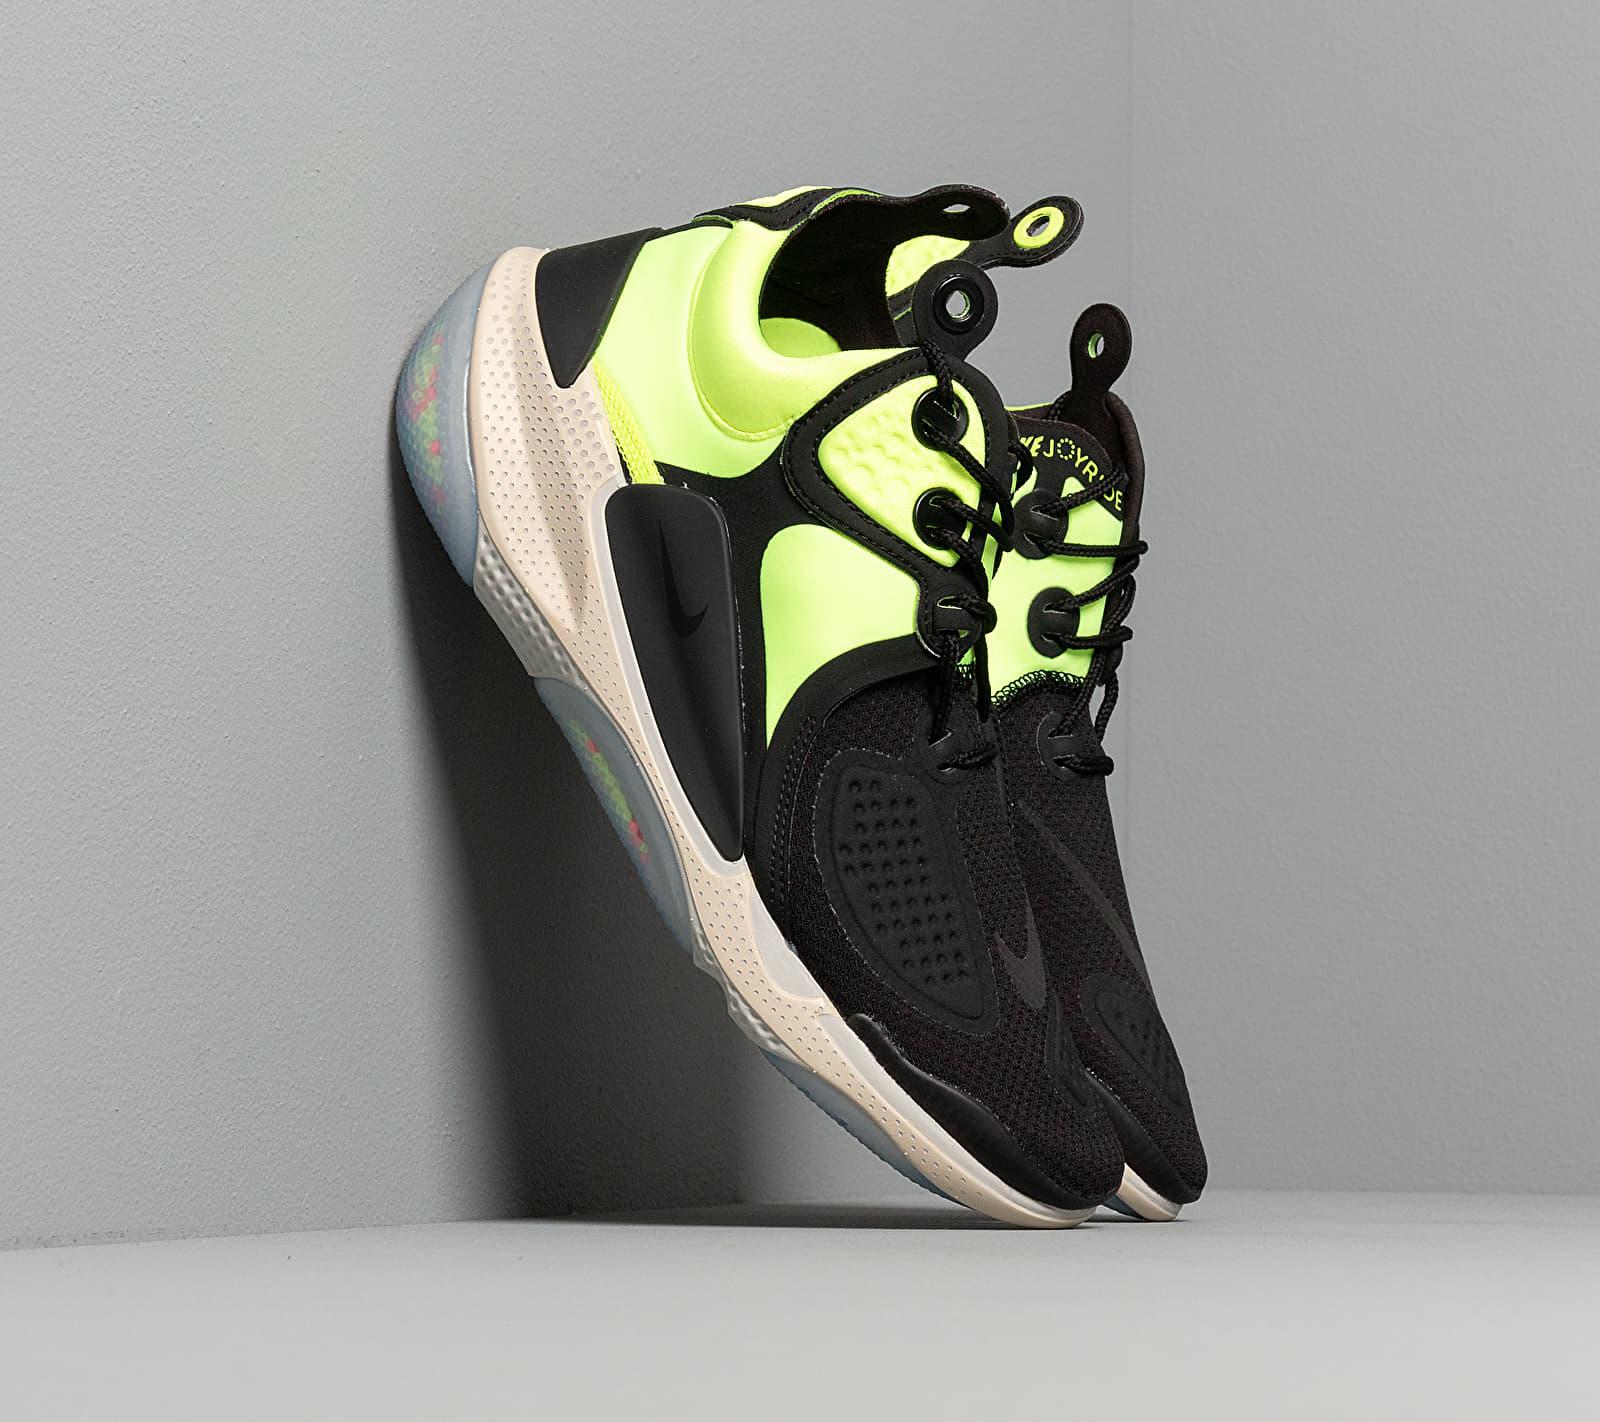 Nike Joyride Cc3 Setter Black/ Black-Volt-Oatmeal EUR 41